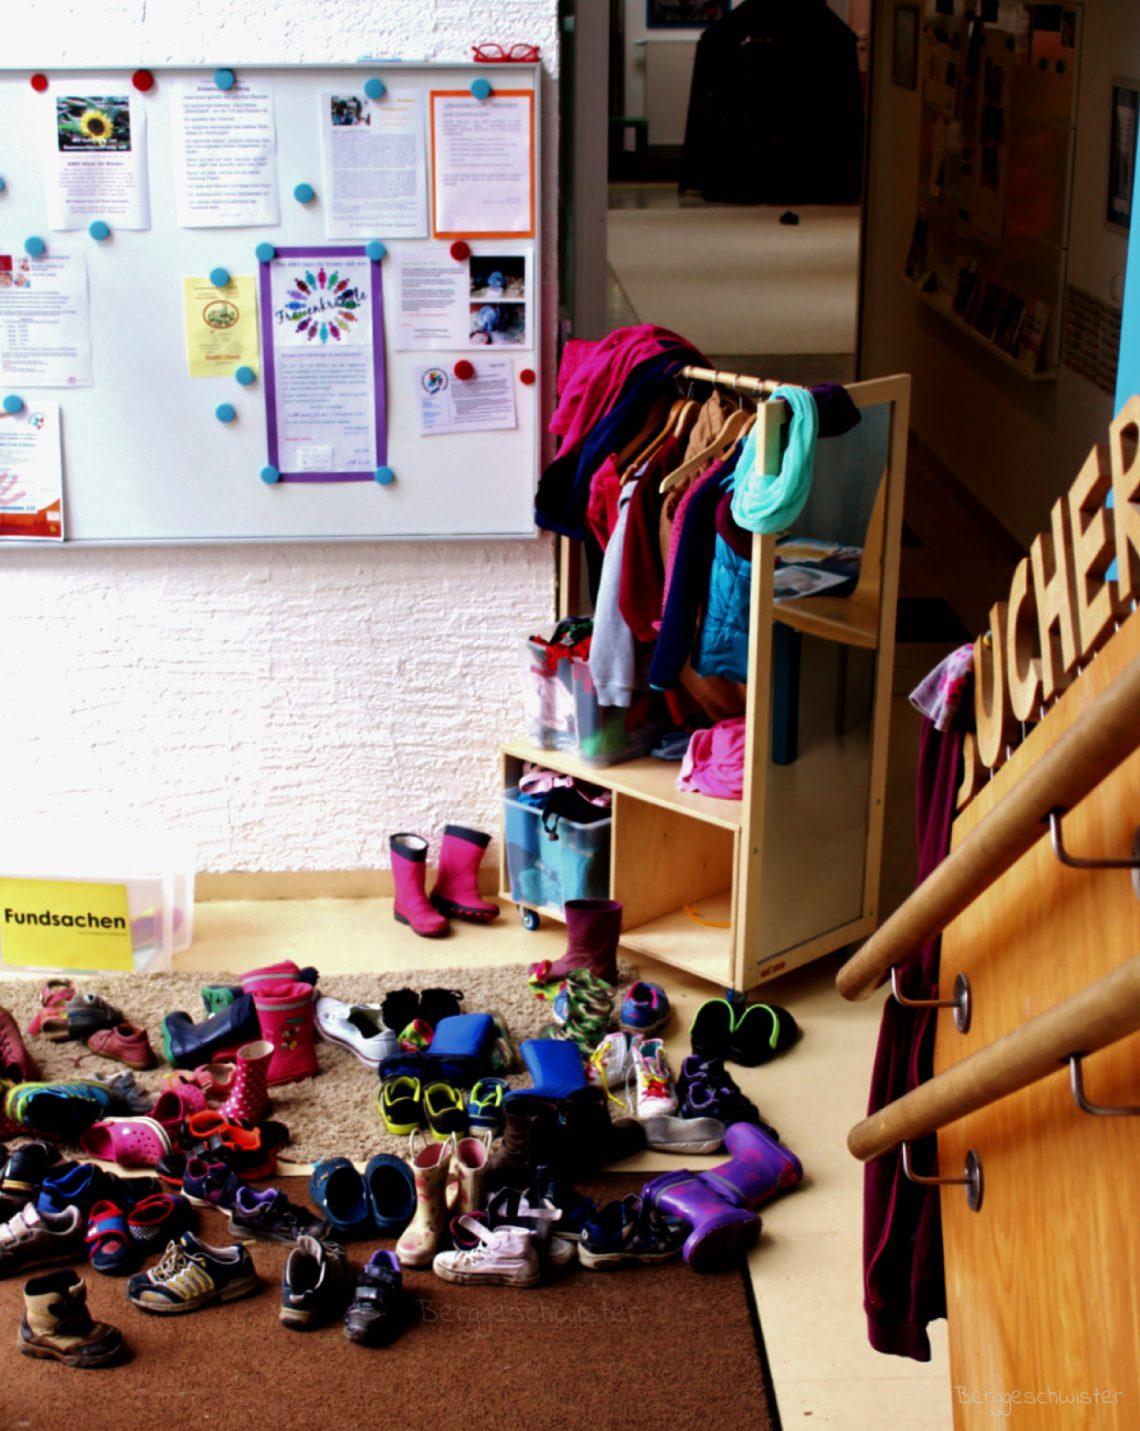 Eingangsbereich im Kindergarten mit vielen Schuhen